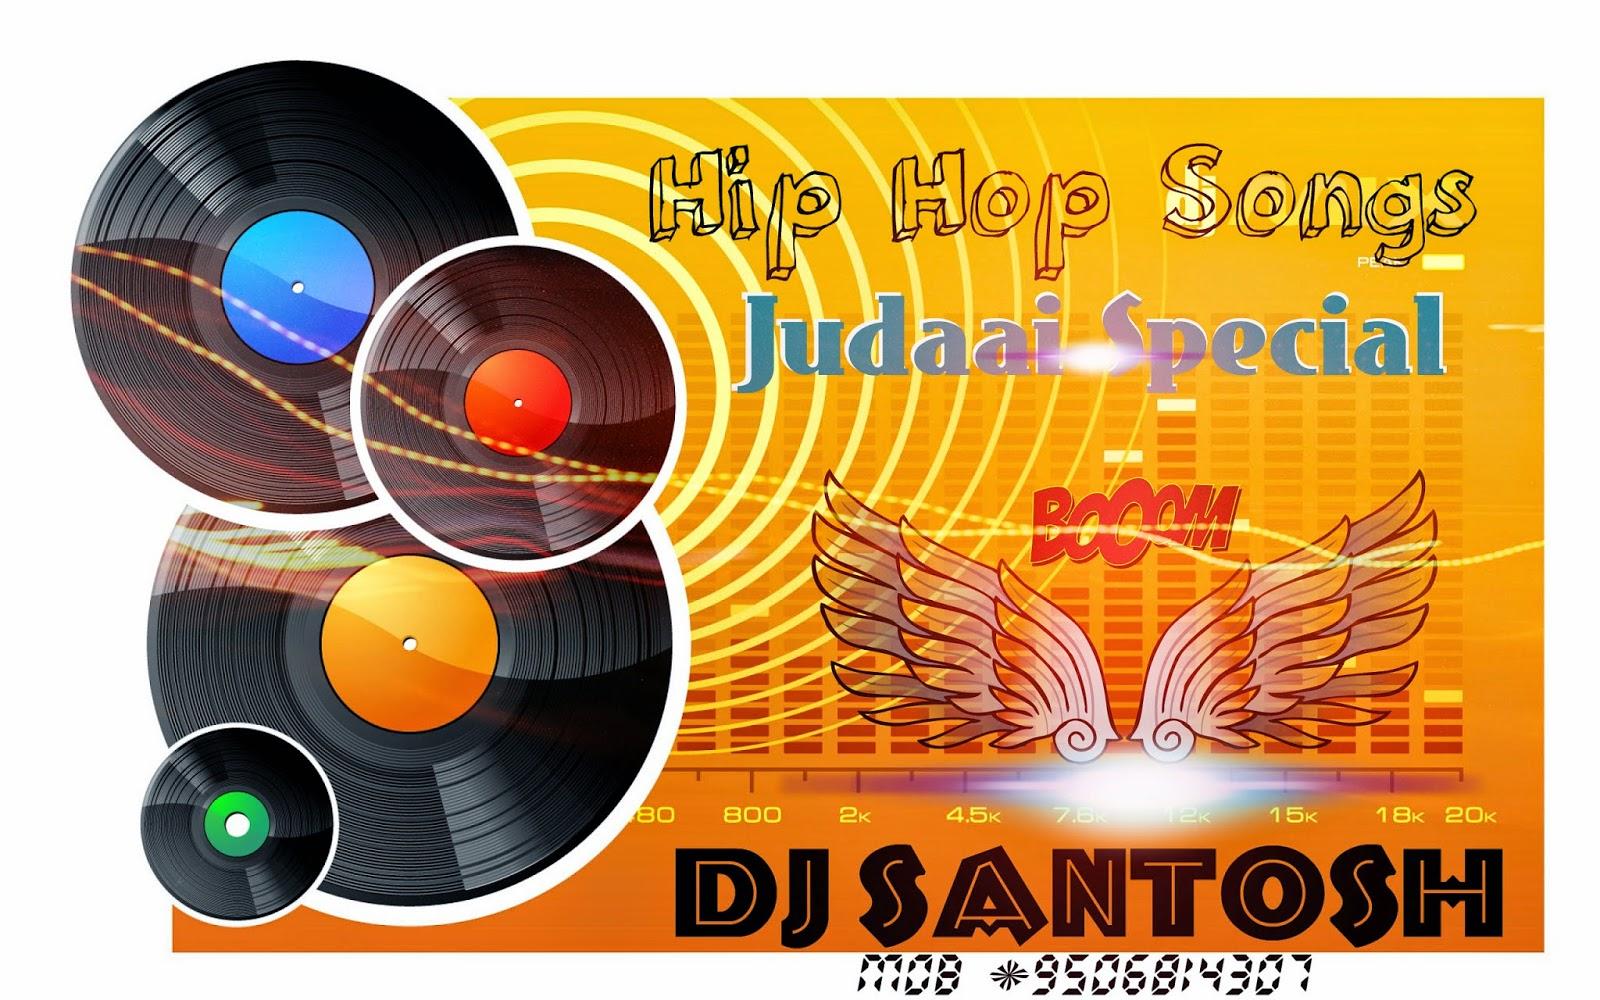 DJ SANTOSH JHANSI: Hip Hop Song Judaai Special :- Dj Santosh